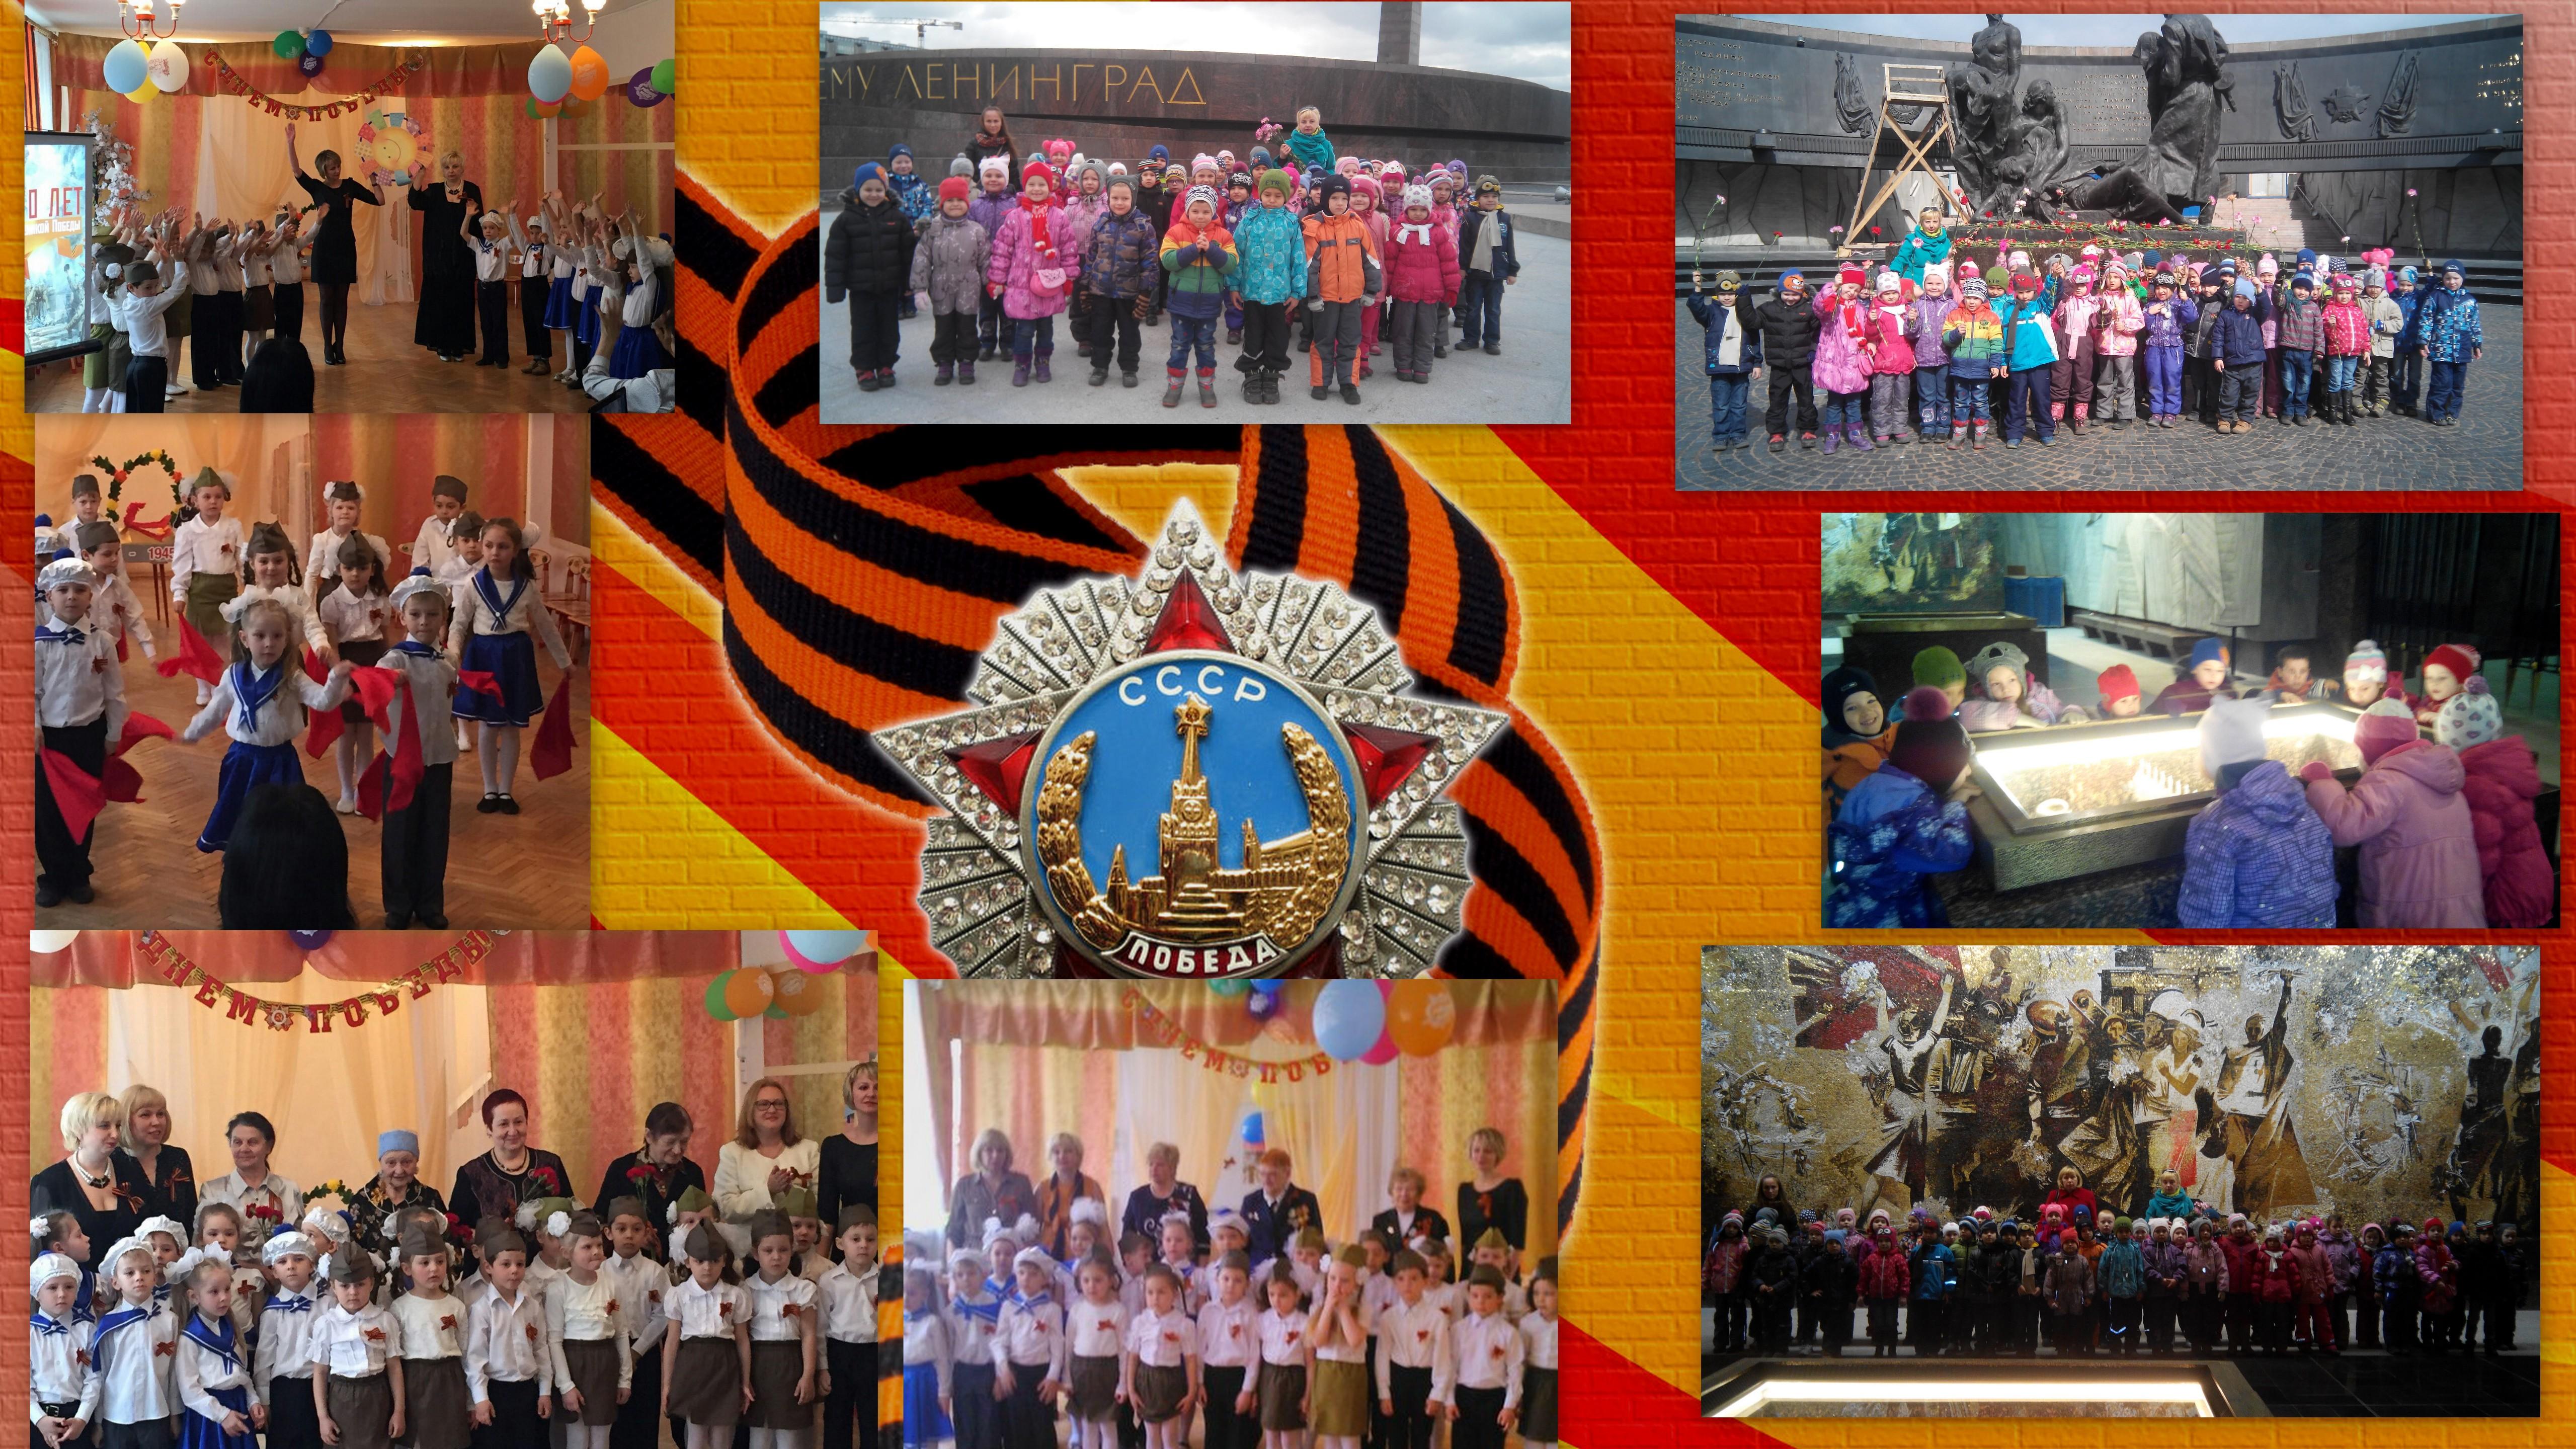 инструкции по пожарной безопасности в детских садах москвы